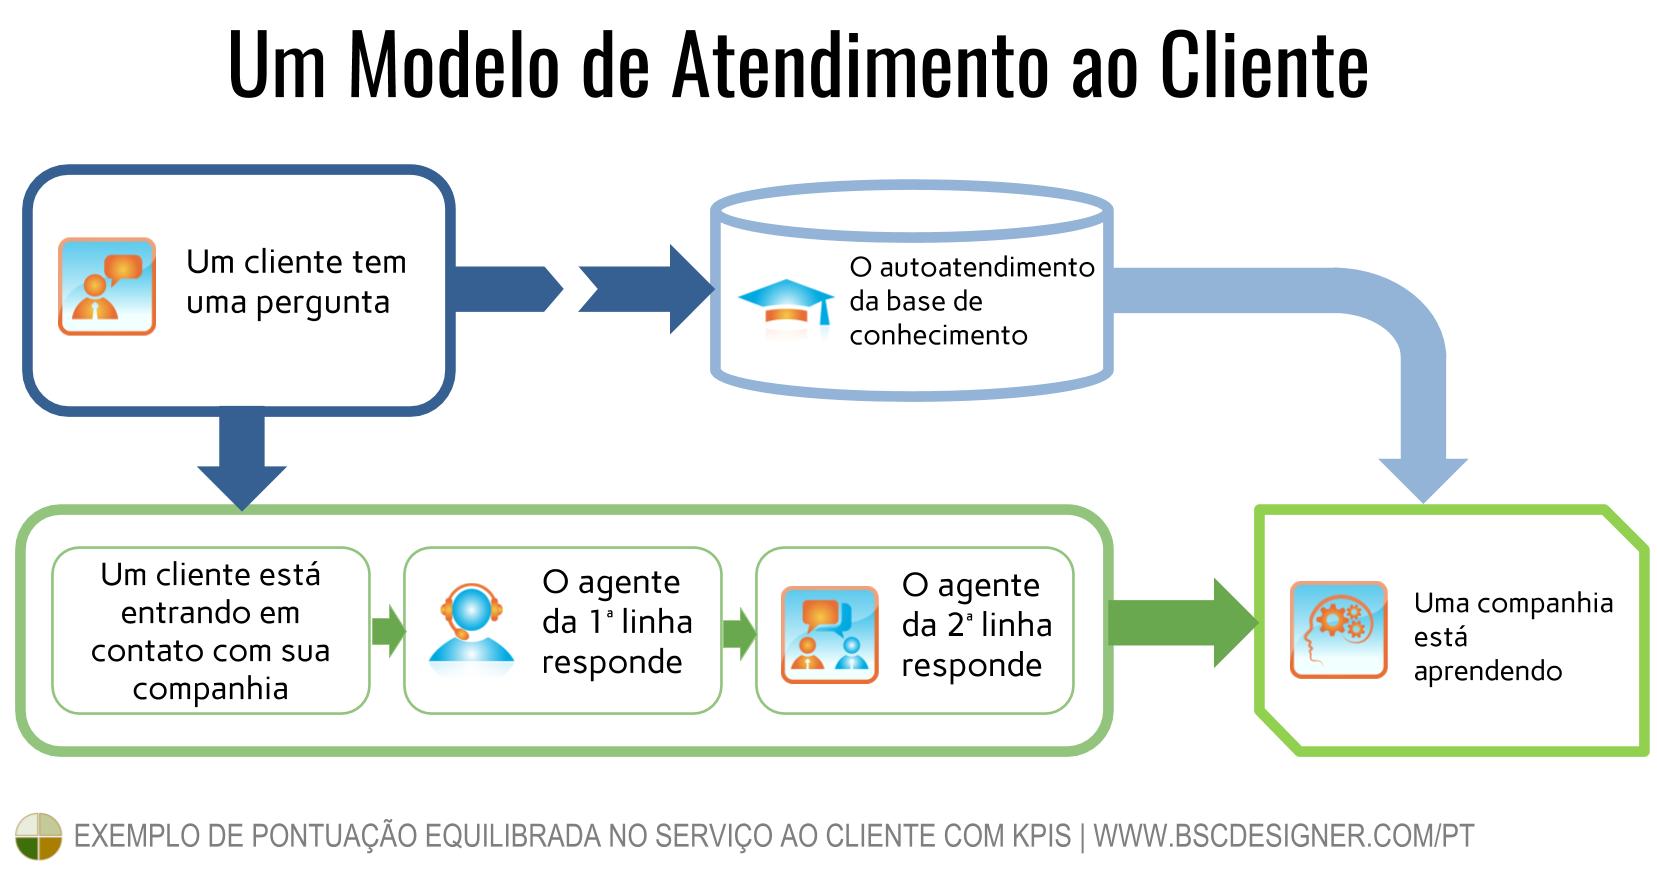 Antes de criar um Balanced Scorecard de atendimento ao cliente, desenhe um modelo de negócios geral